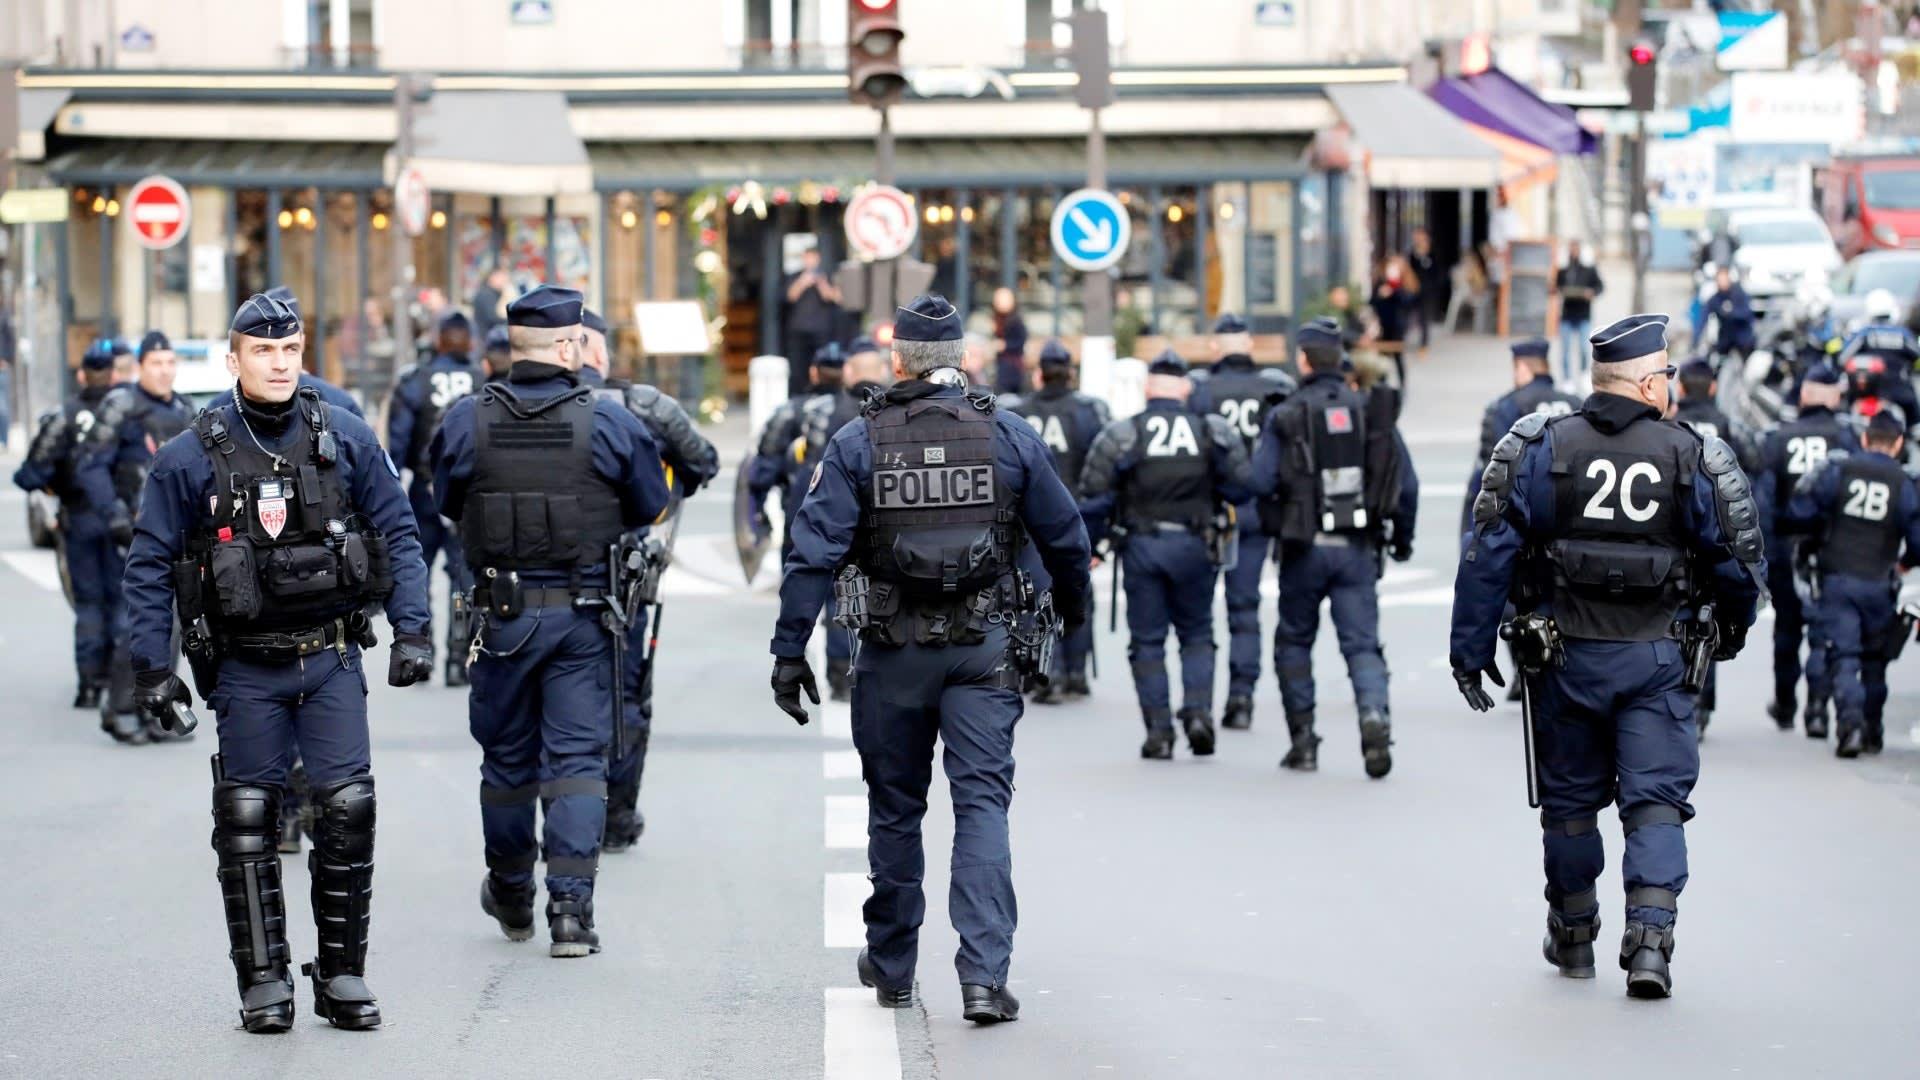 法國的警察證件上除了照片,還有法國3色旗斜條圖紋。(圖片取自www.hk01.com)